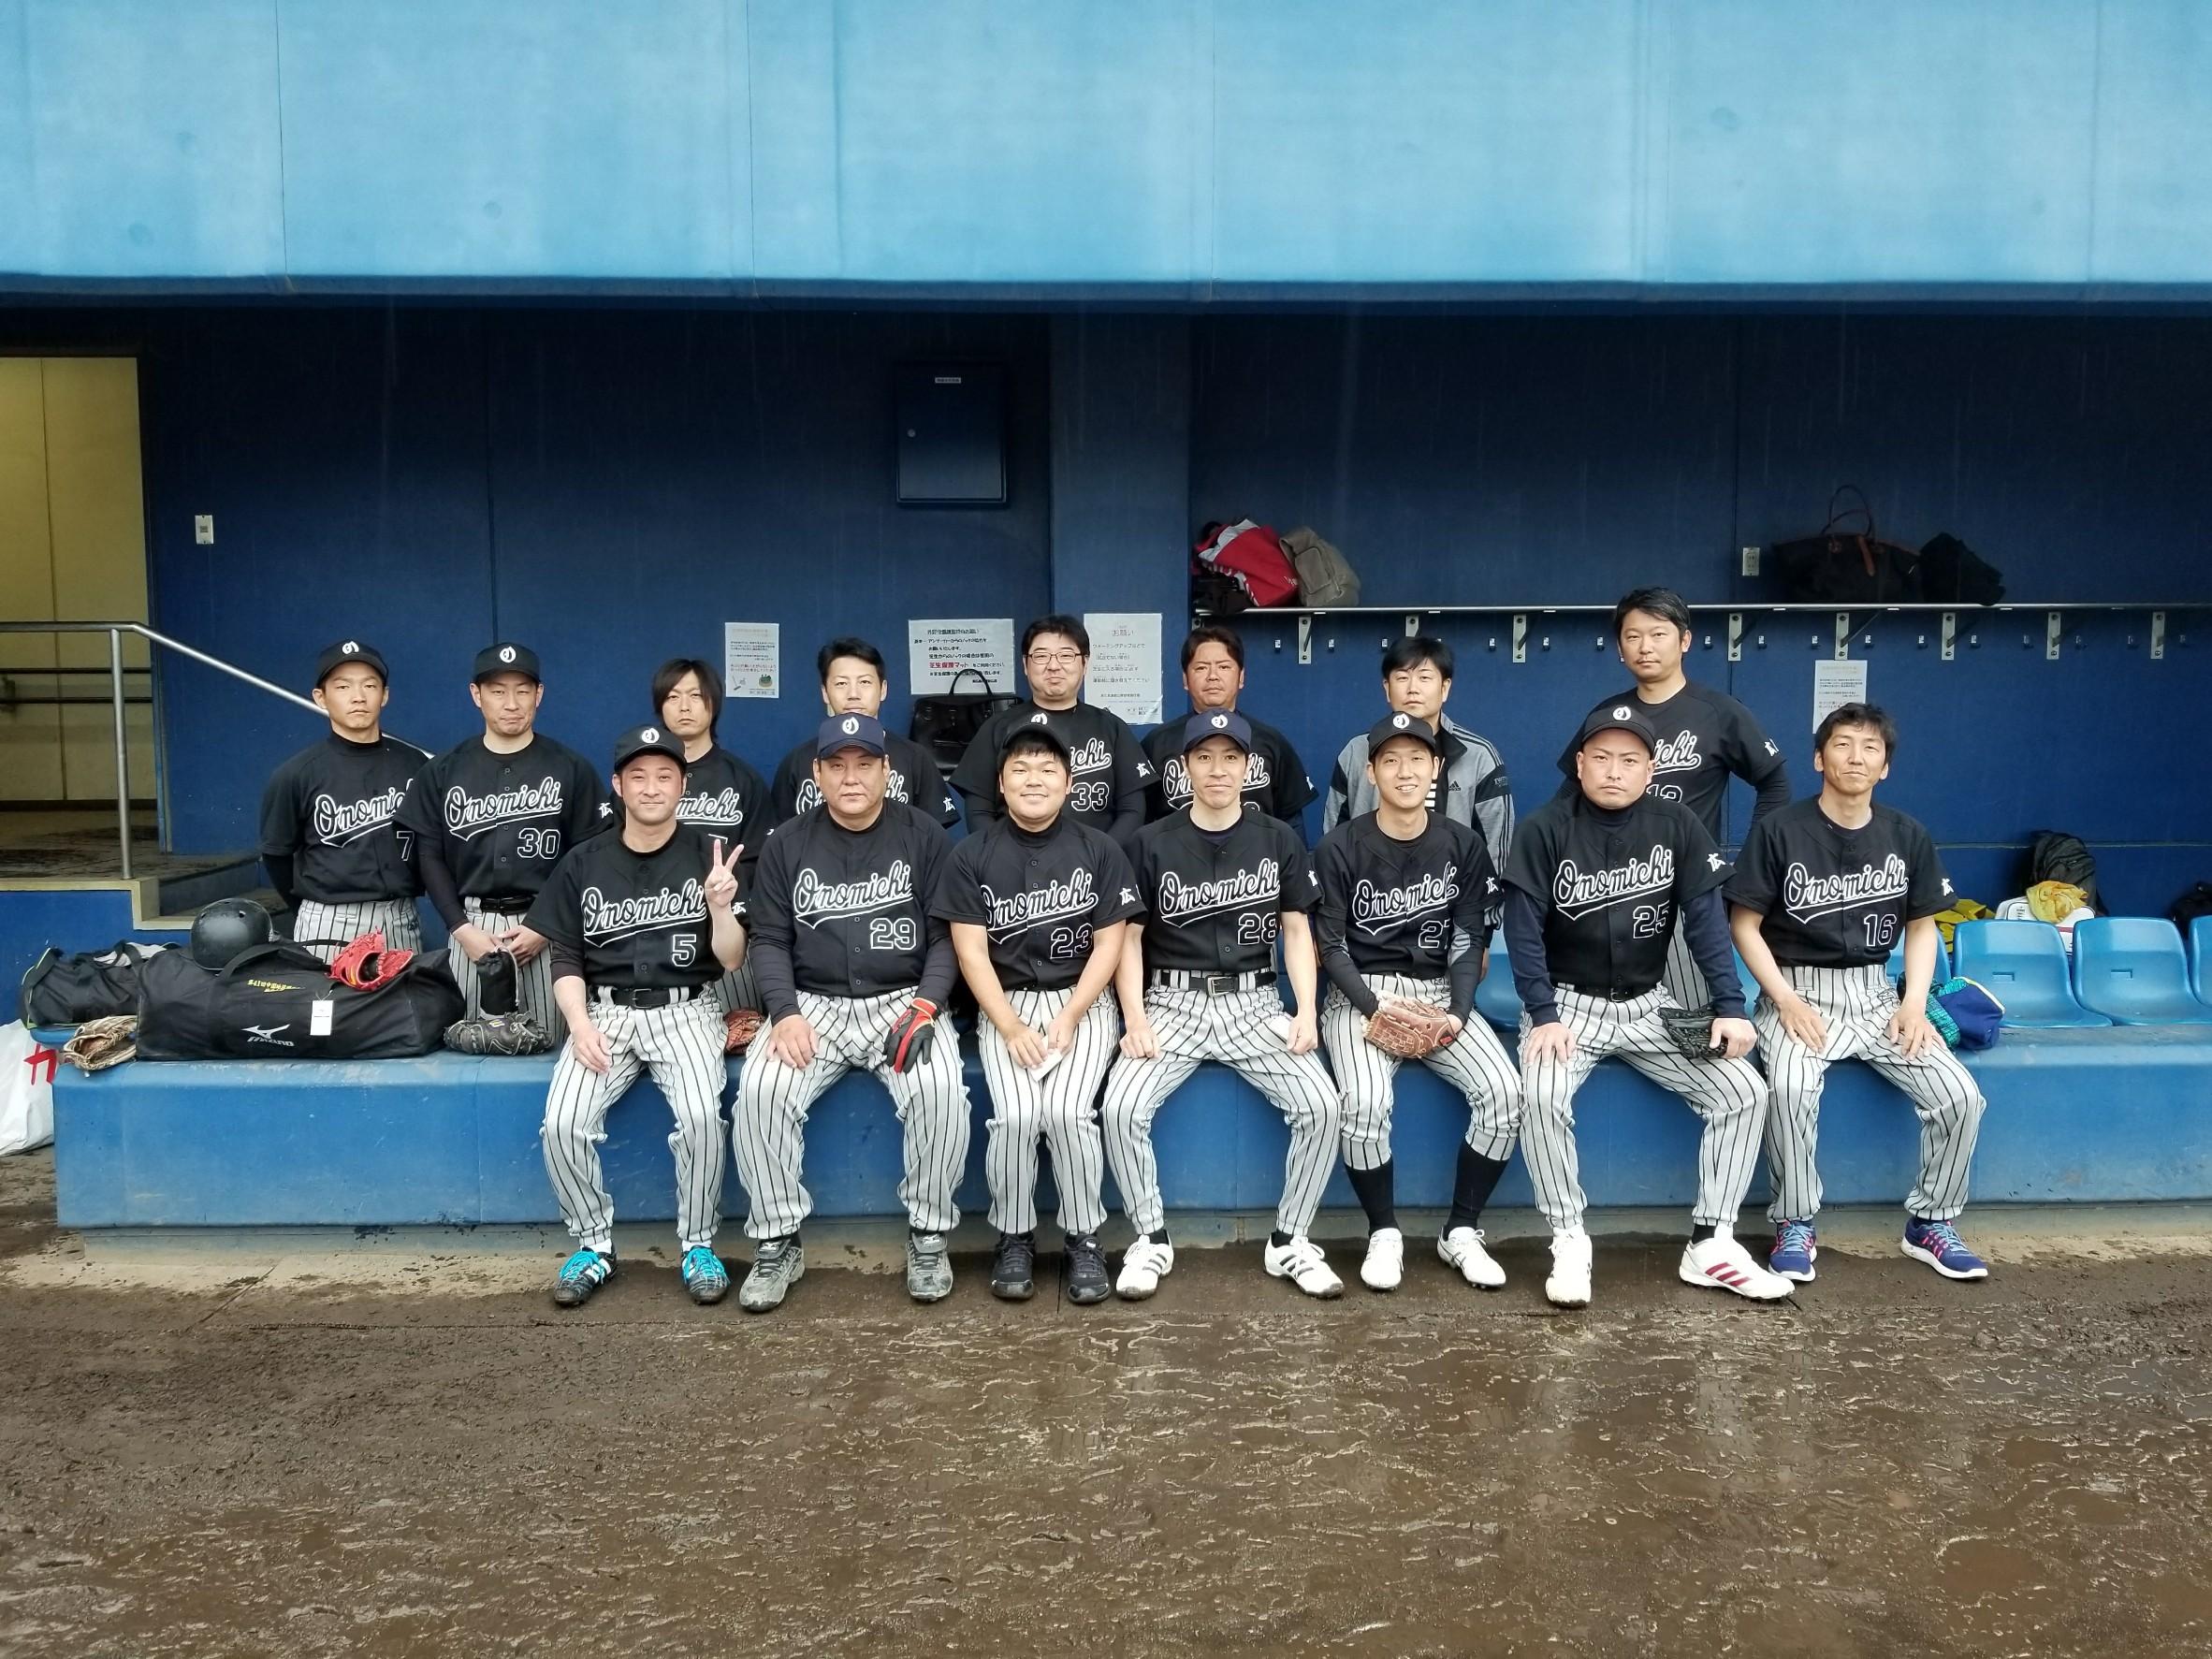 広島ブロック野球大会